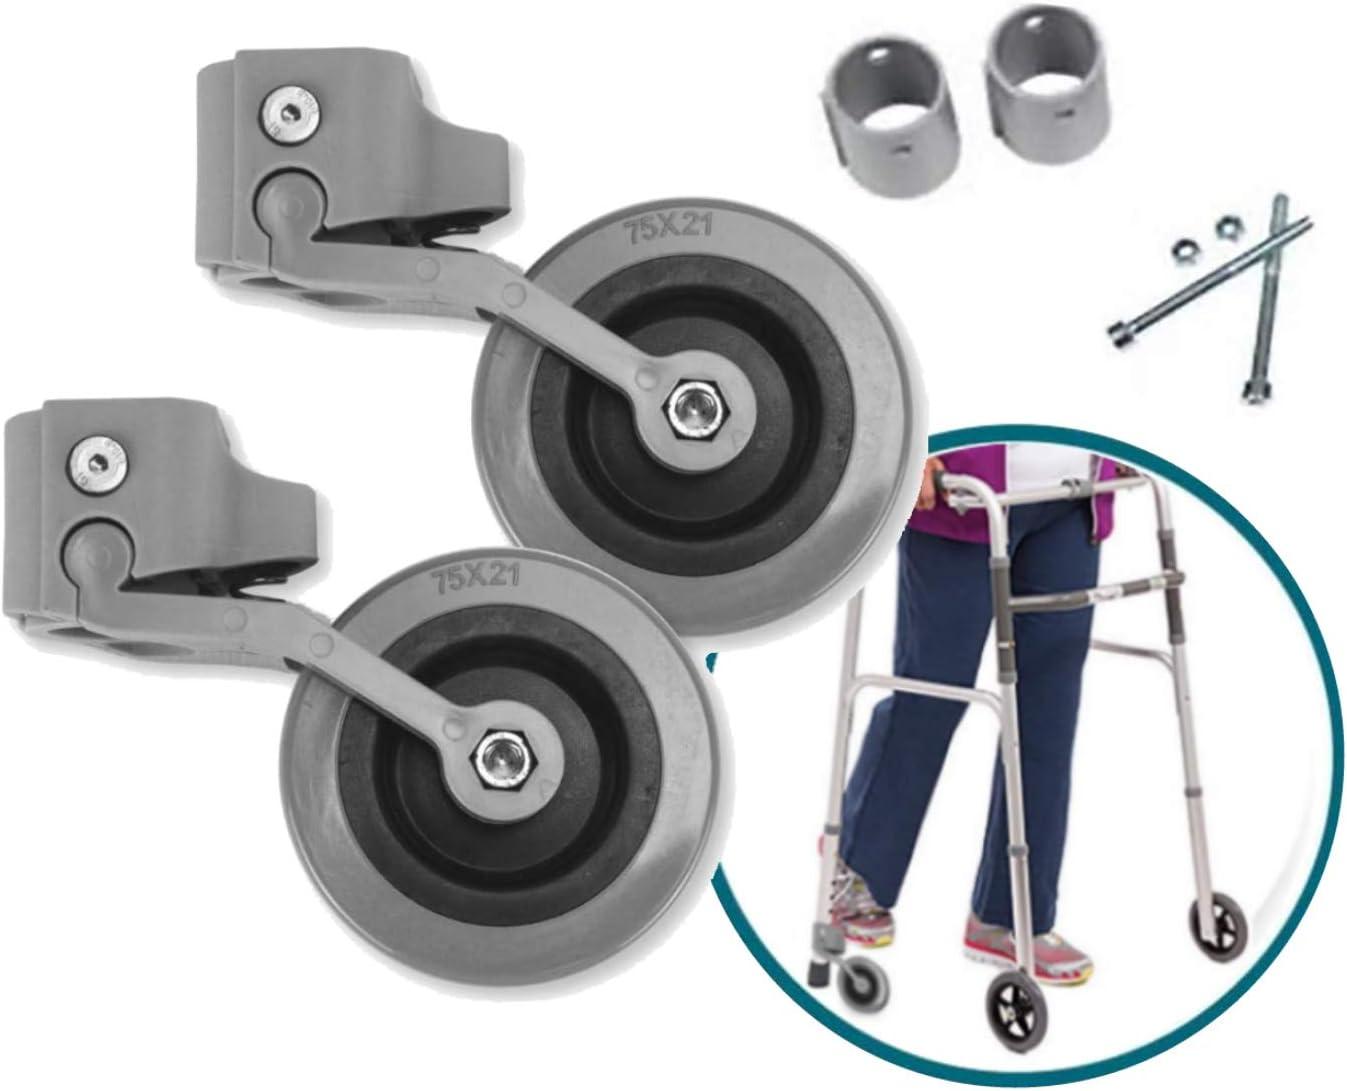 OrtoPrime Kit x2 RUEDAS Andadores Ancianos - Ruedas Traseras Adaptables a Andadores de Adultos - Casquillos Compatibles Tubo de 30mm y 22mm - Freno a la Carga por Presión y Fácil Instalación